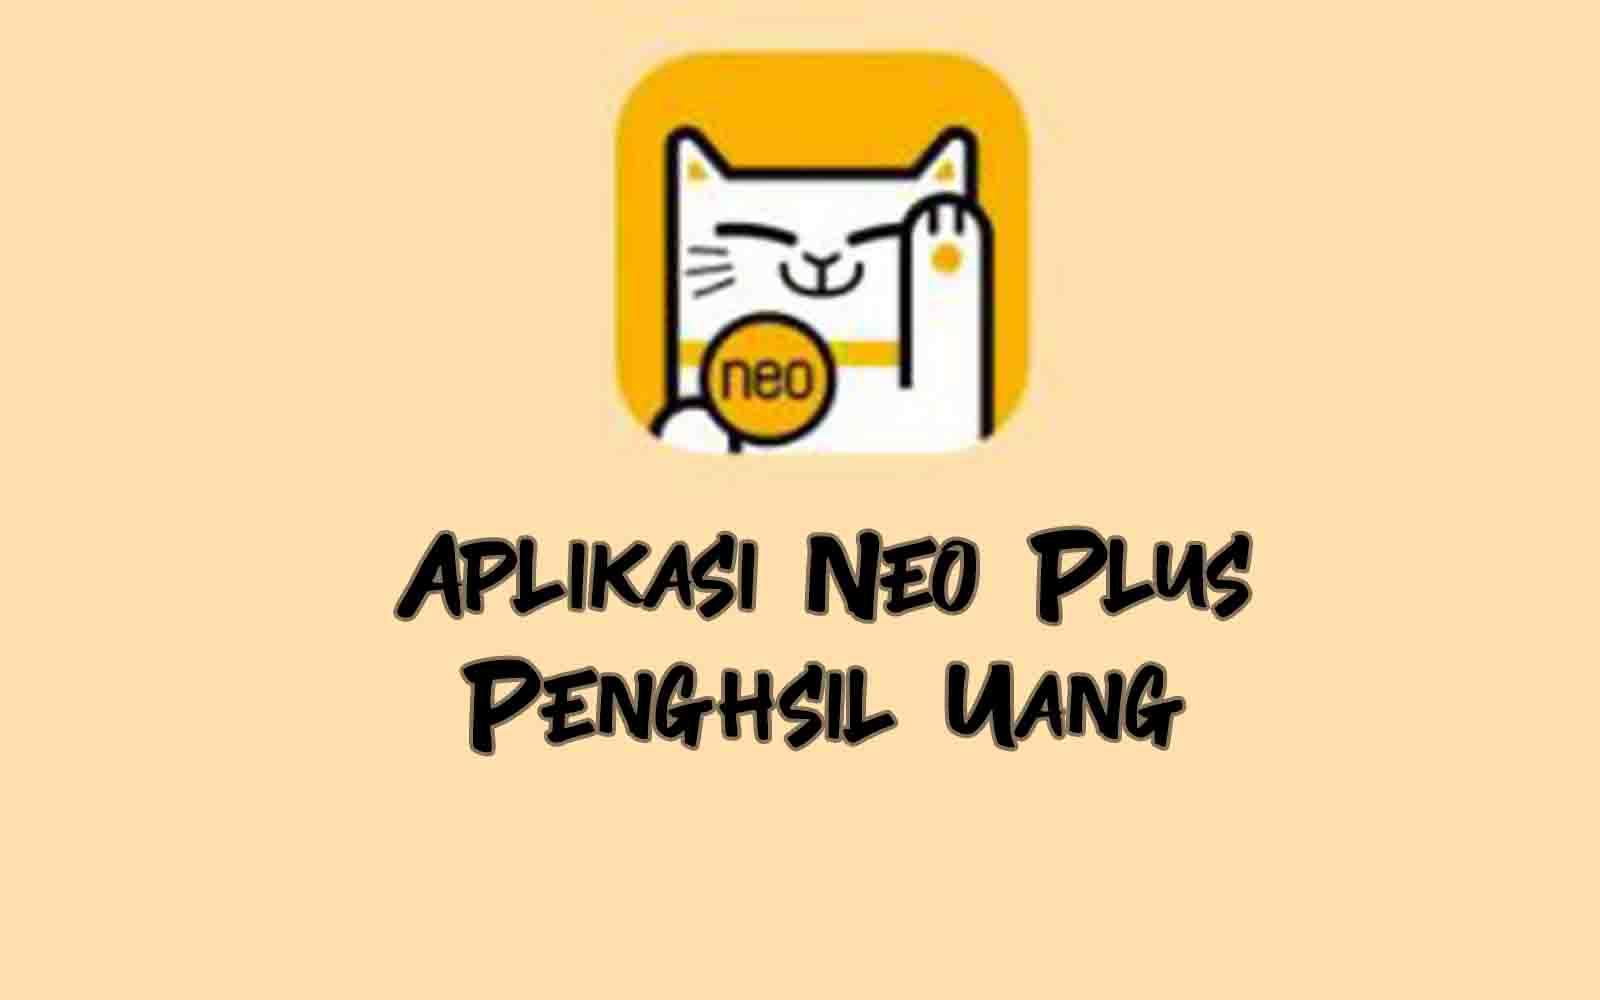 Aplikasi Neo Plus Penghsil